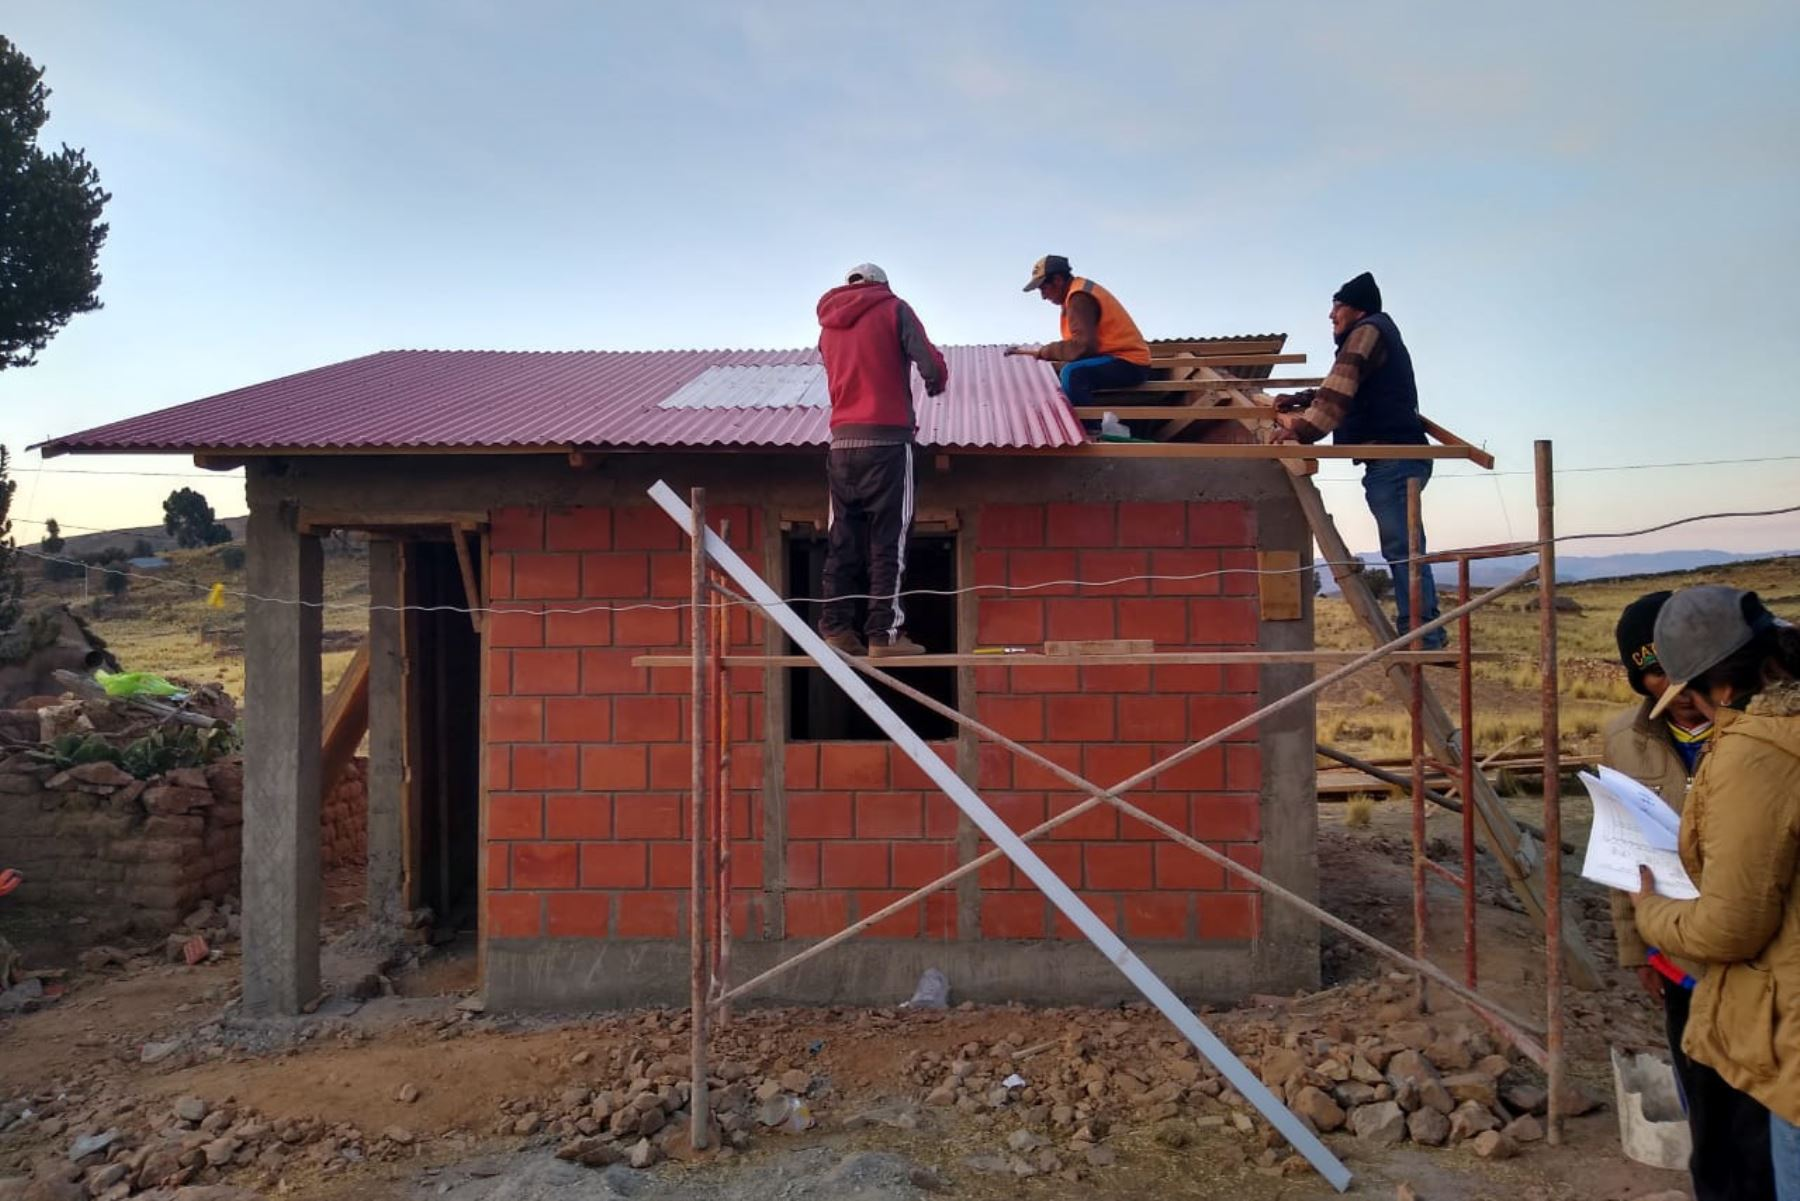 El Programa Nacional de Vivienda Rural ofrece 131 profesionales para que desempeñen funciones de supervisión y evaluación de familias vulnerables.